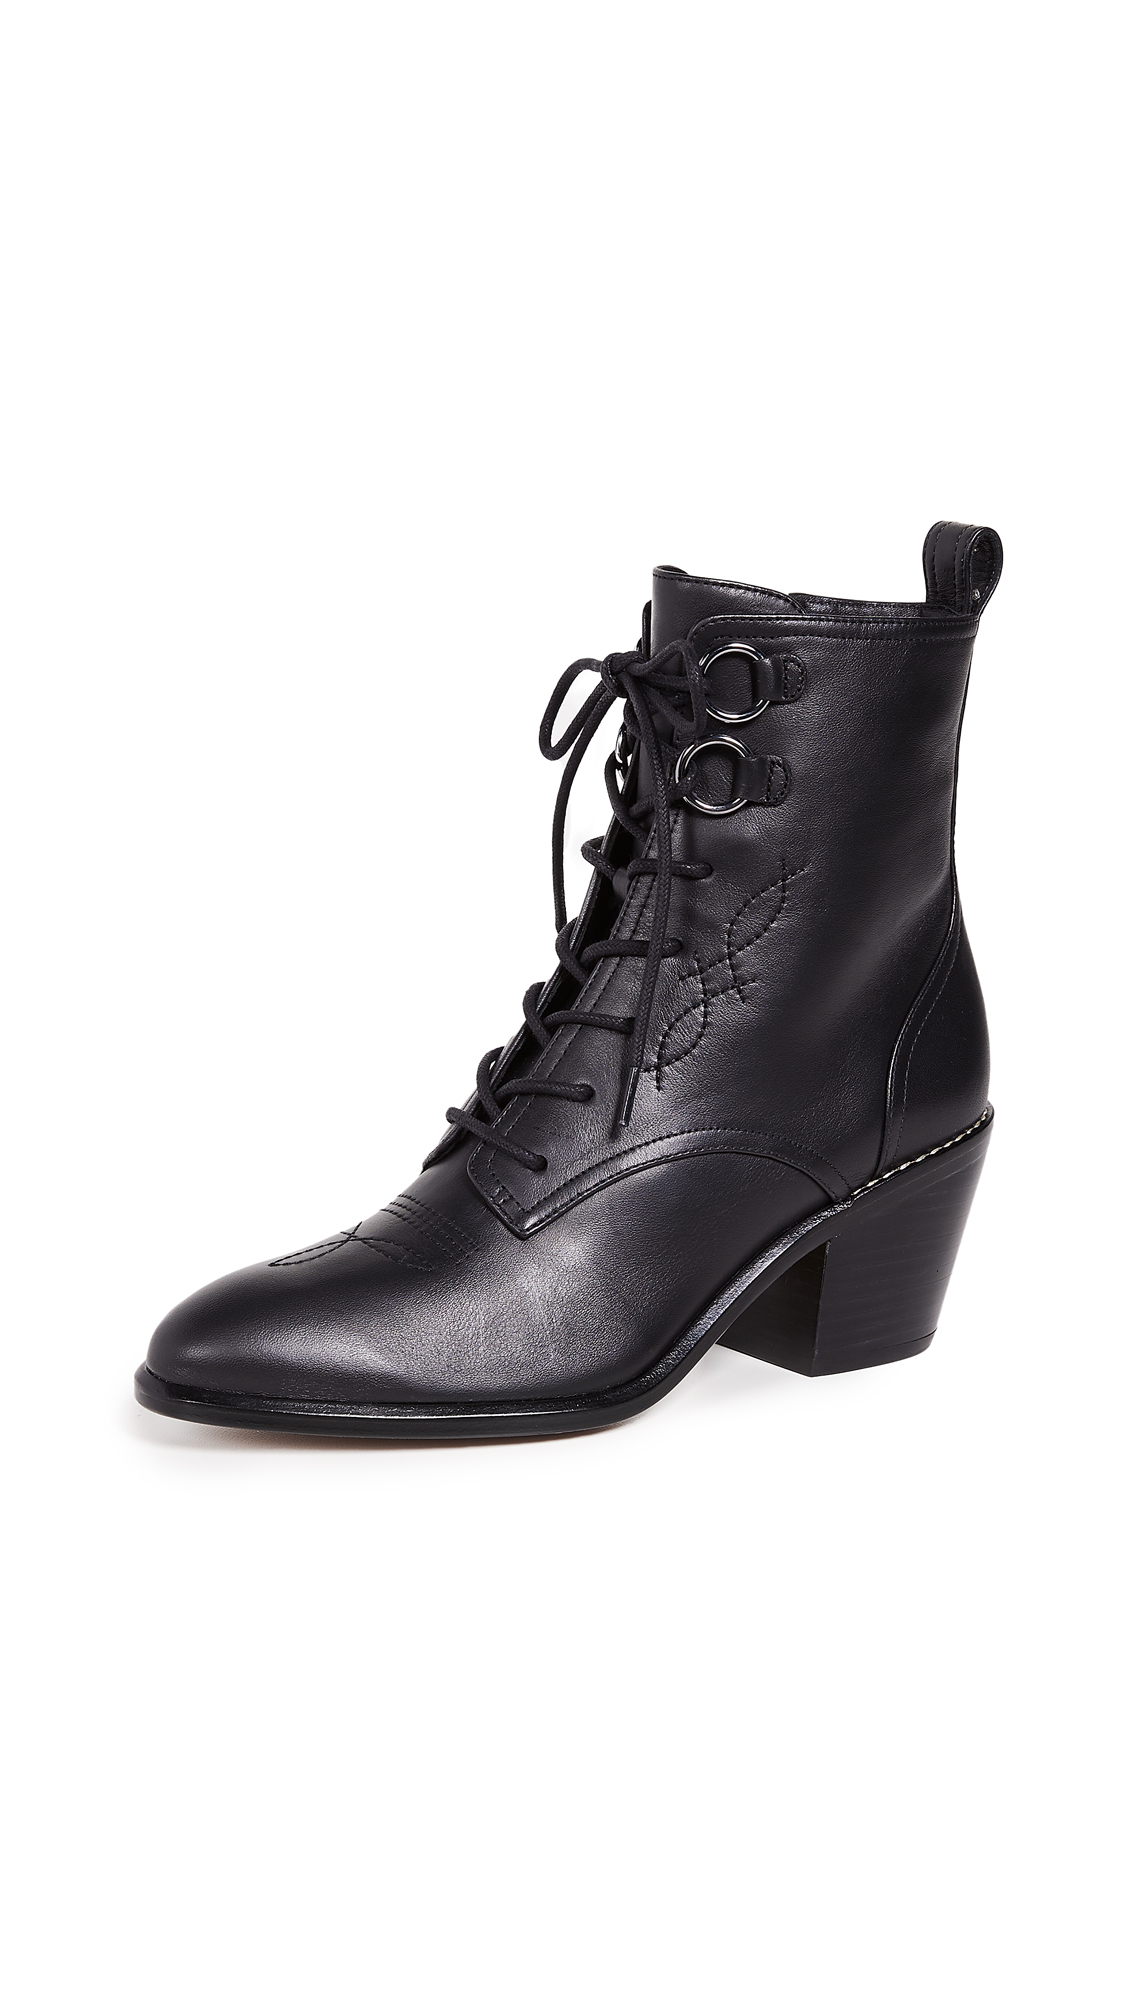 Diane von Furstenberg Dakota Boots - Black